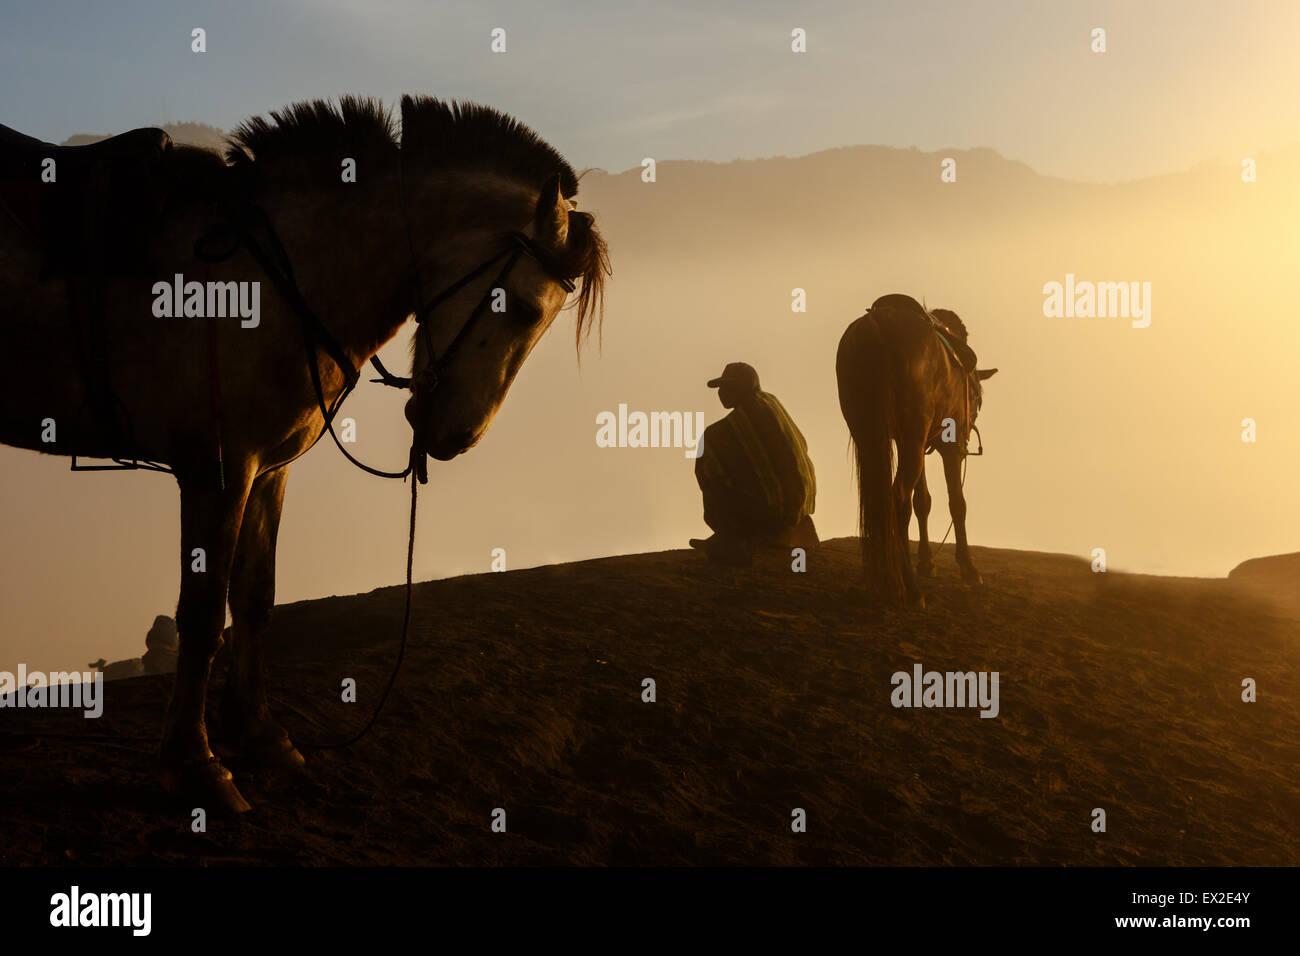 Silhouettes d'hommes et les chevaux sur le sommet de la colline, atmosphère brumeuse Photo Stock